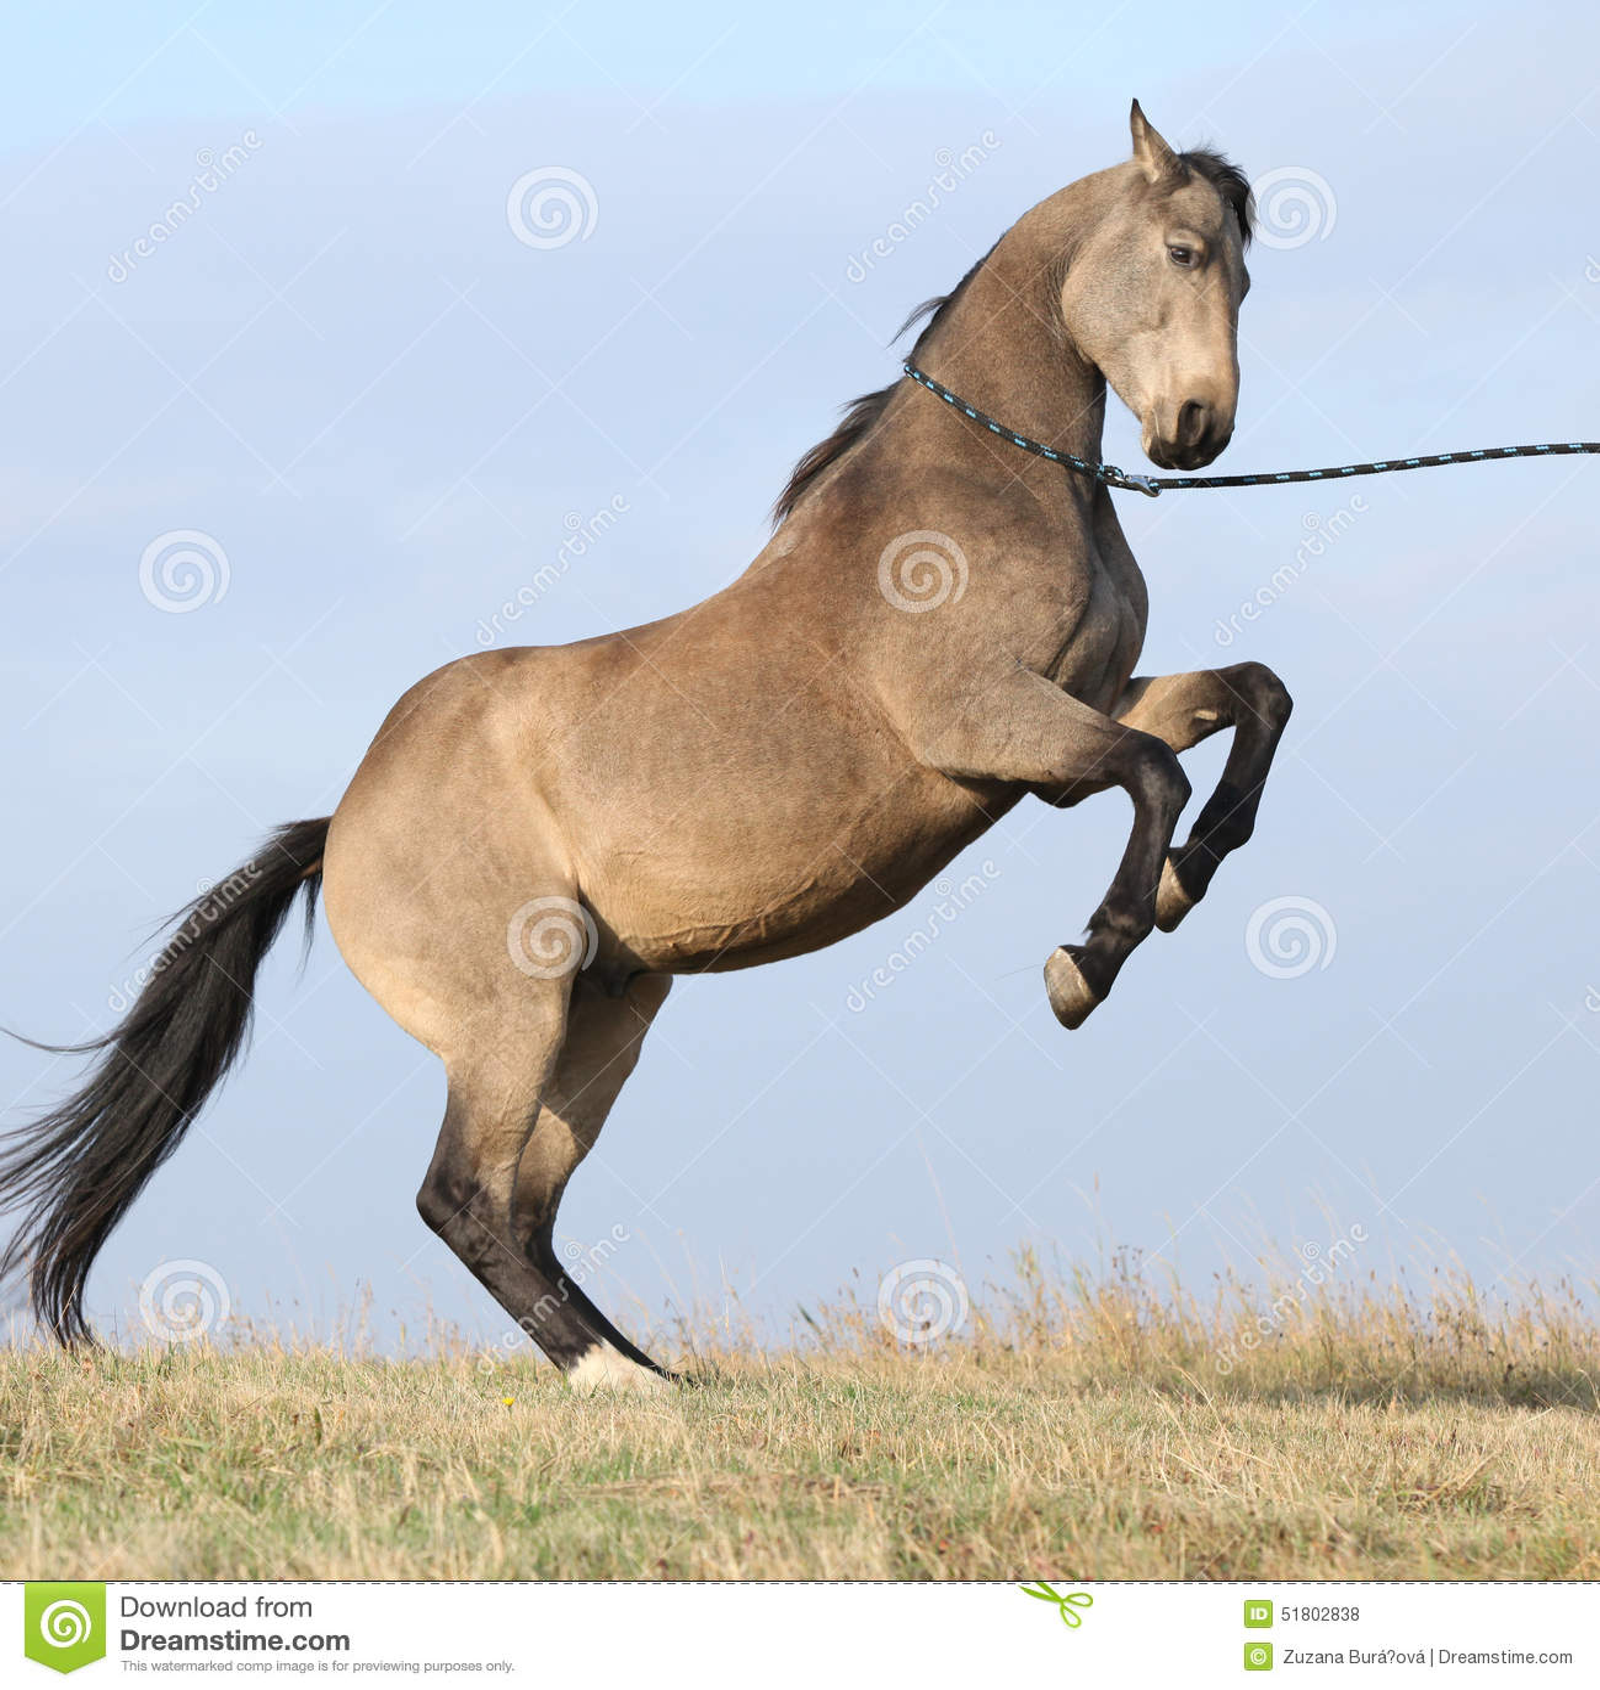 Animal-Horse-Prancing Horse